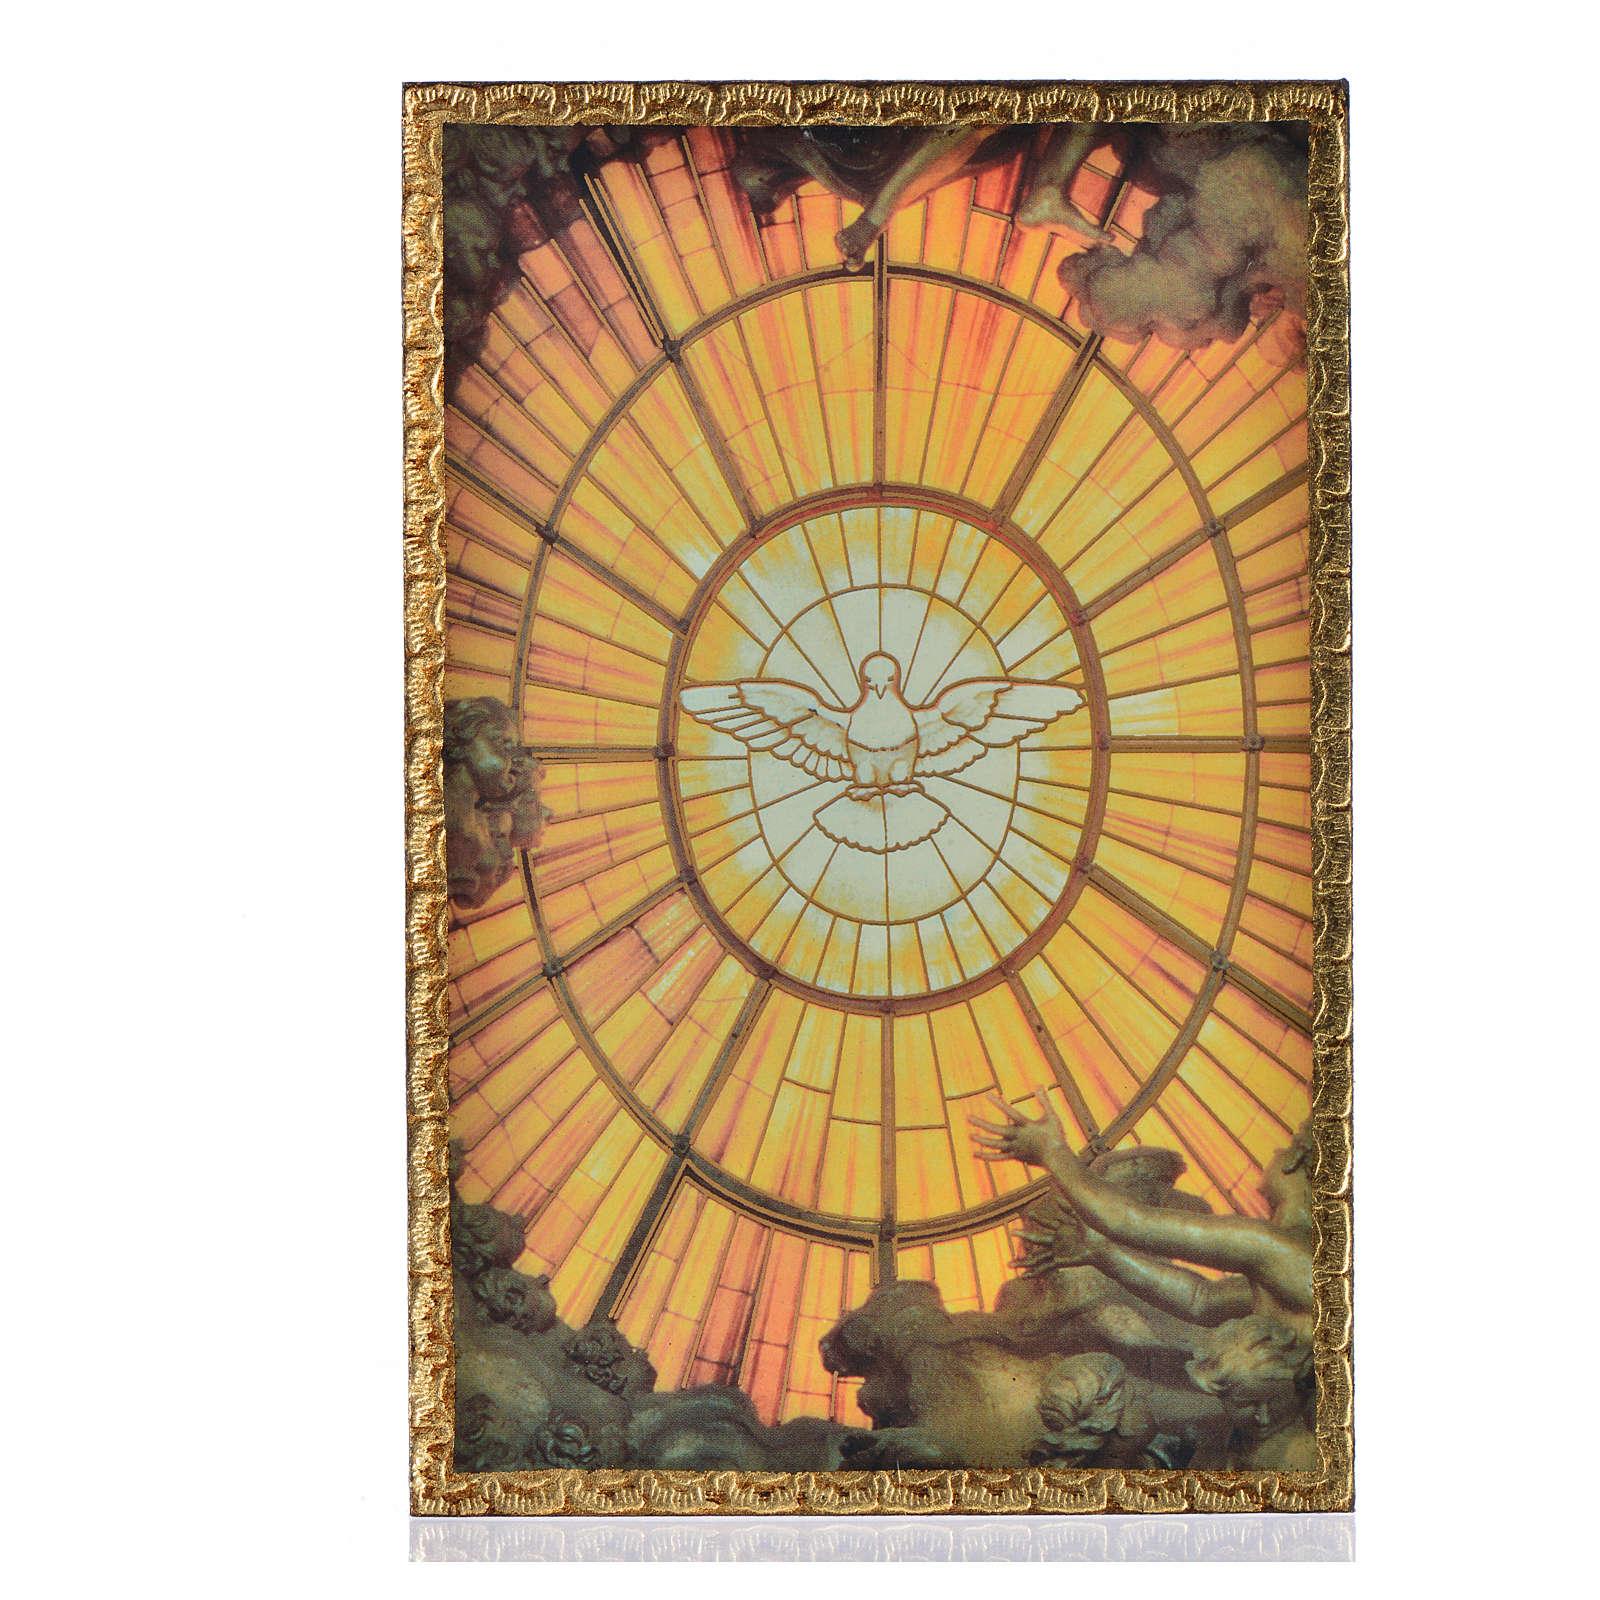 Impressão sobre madeira Espírito Santo 3